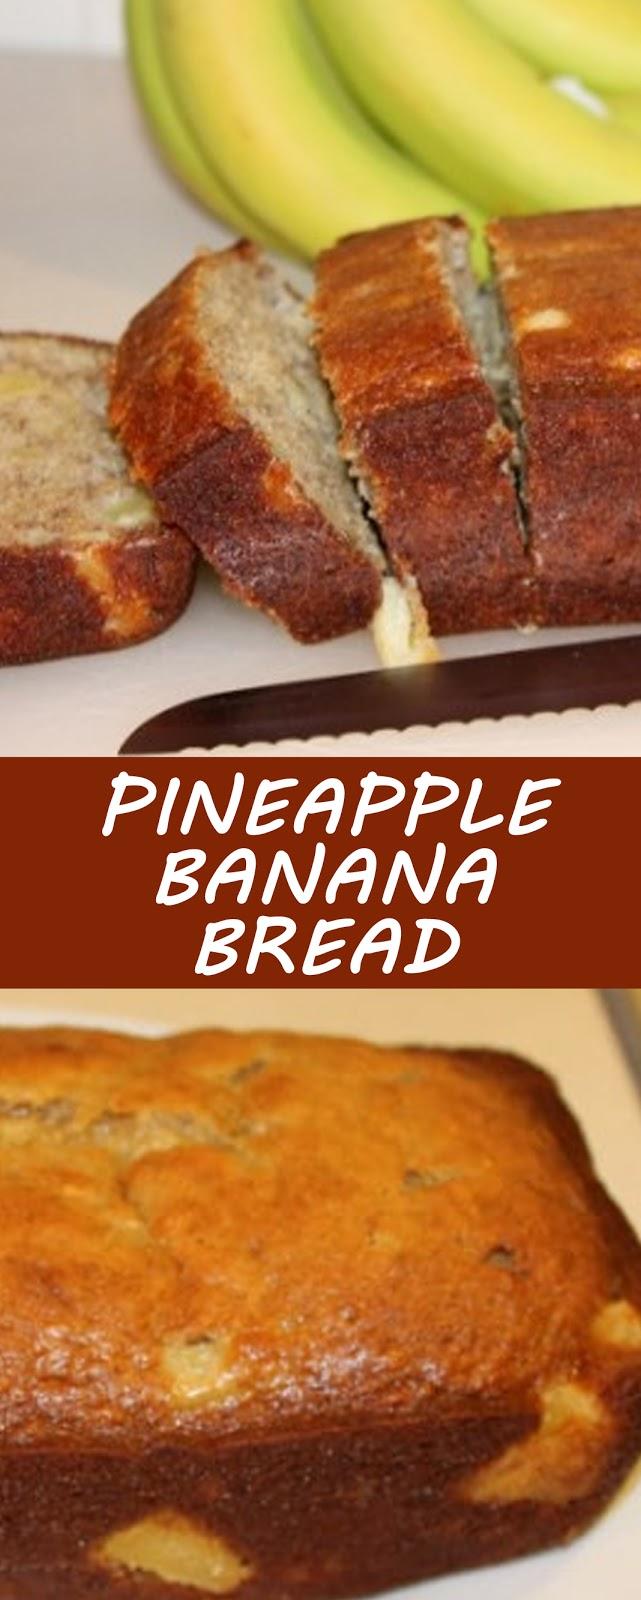 Pineapple Banana Bread Recipe